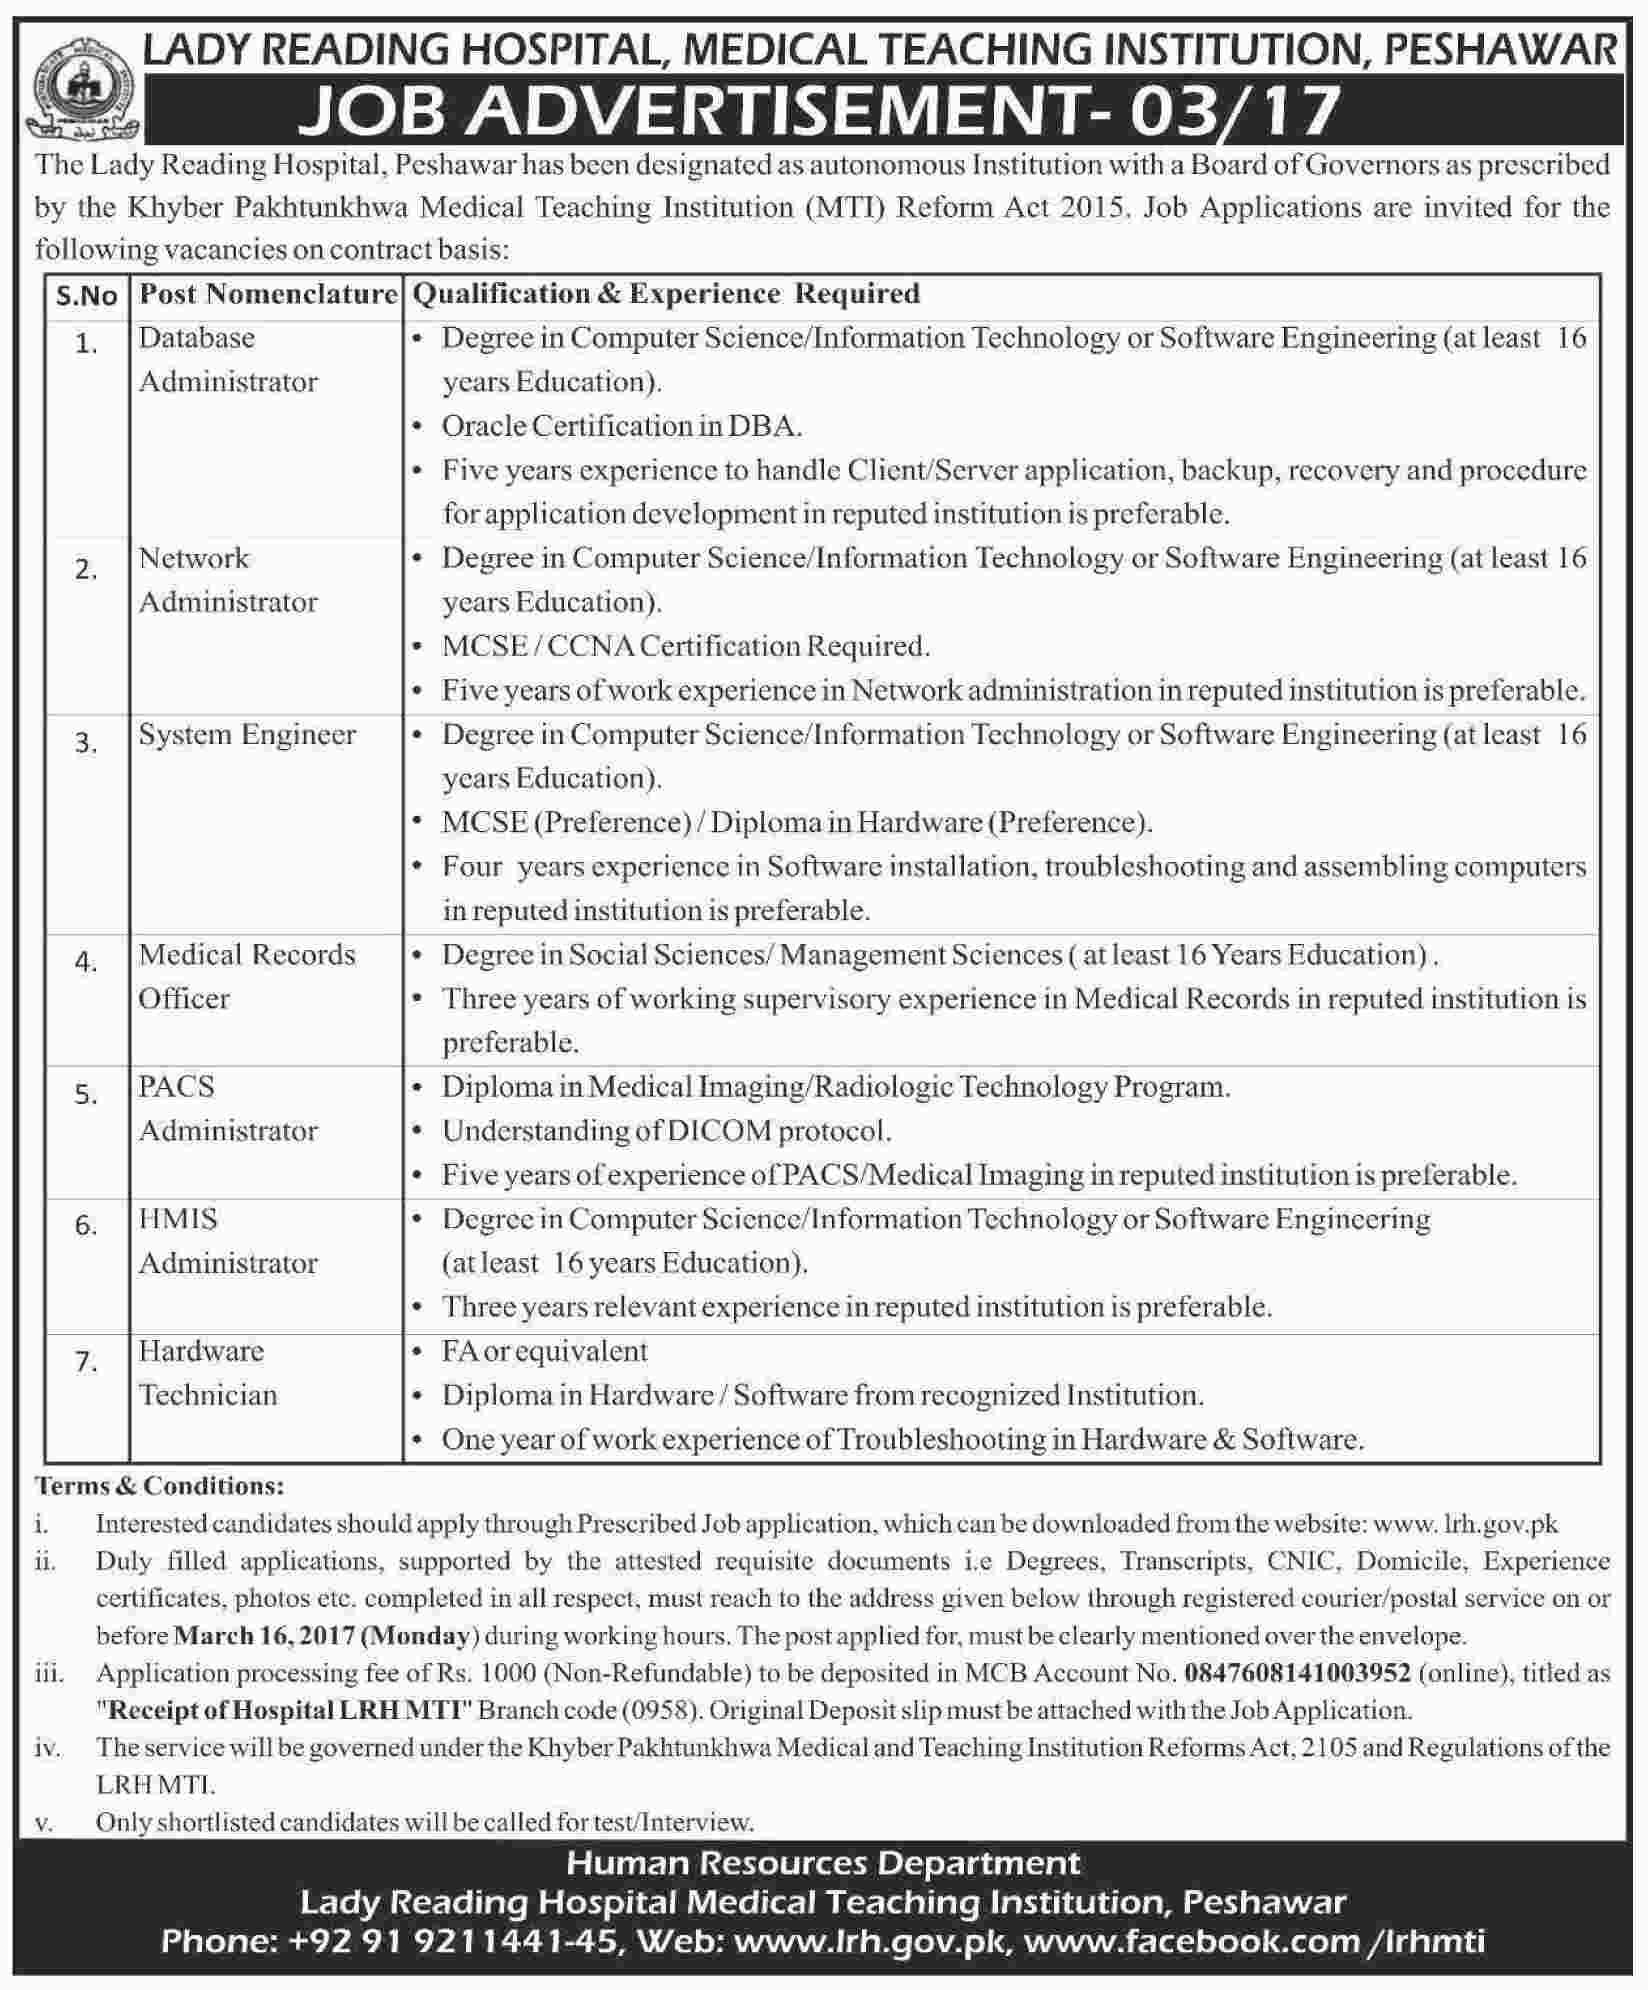 reading hospital peshawar jobs lrh mti application form lady reading hospital peshawar jobs 2017 lrh mti application form